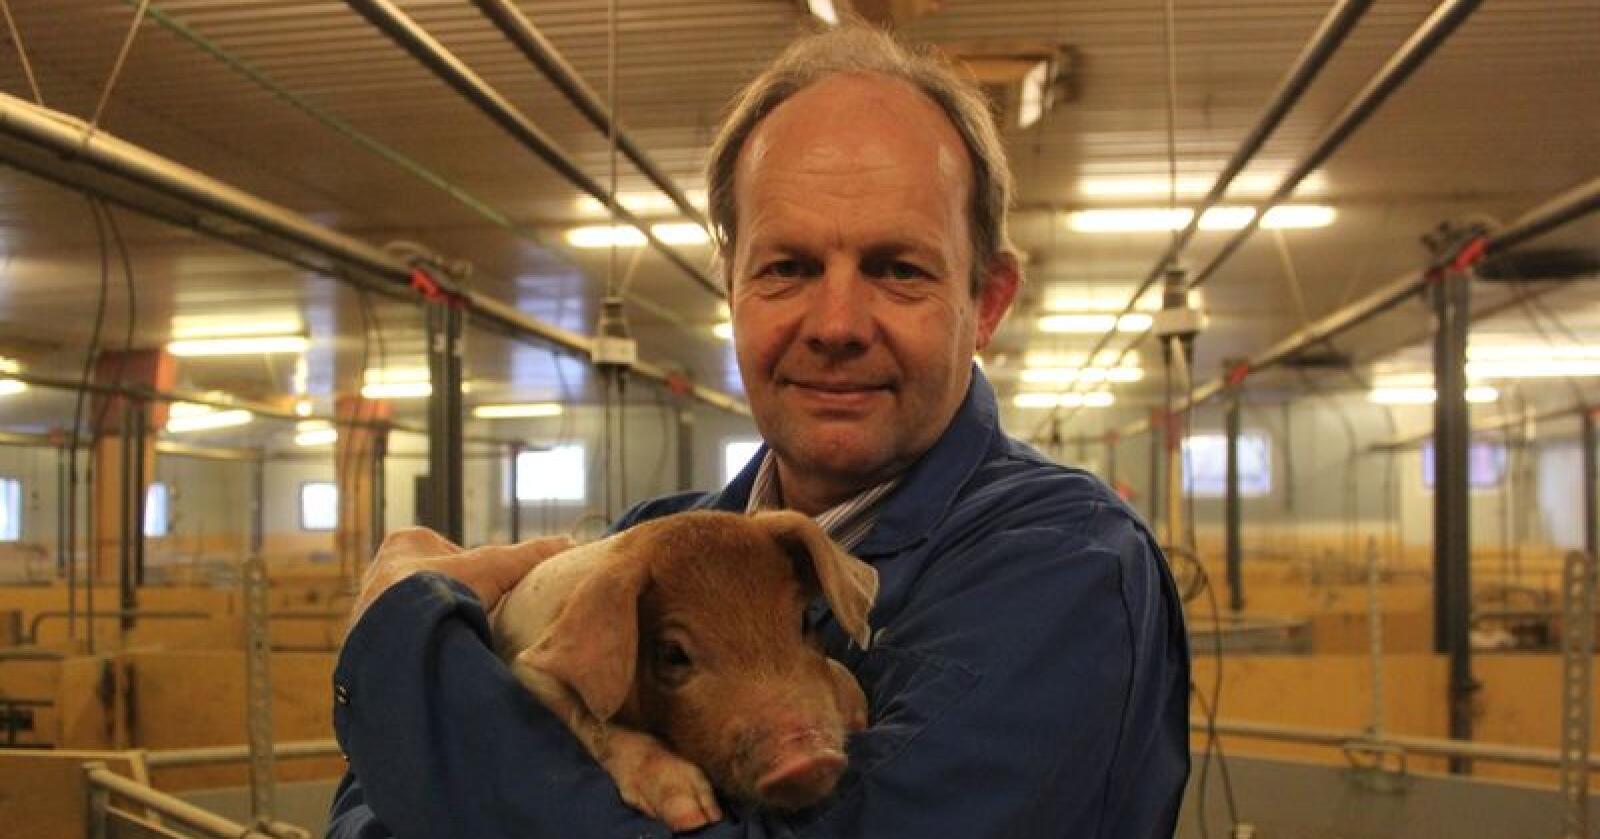 Knut Haugland er smågrisprodusent i Bø i Telemark. Han etterlyser større innsats fra Bondelaget til svin og andre produksjoner. (Foto: Norsk Landbruk)